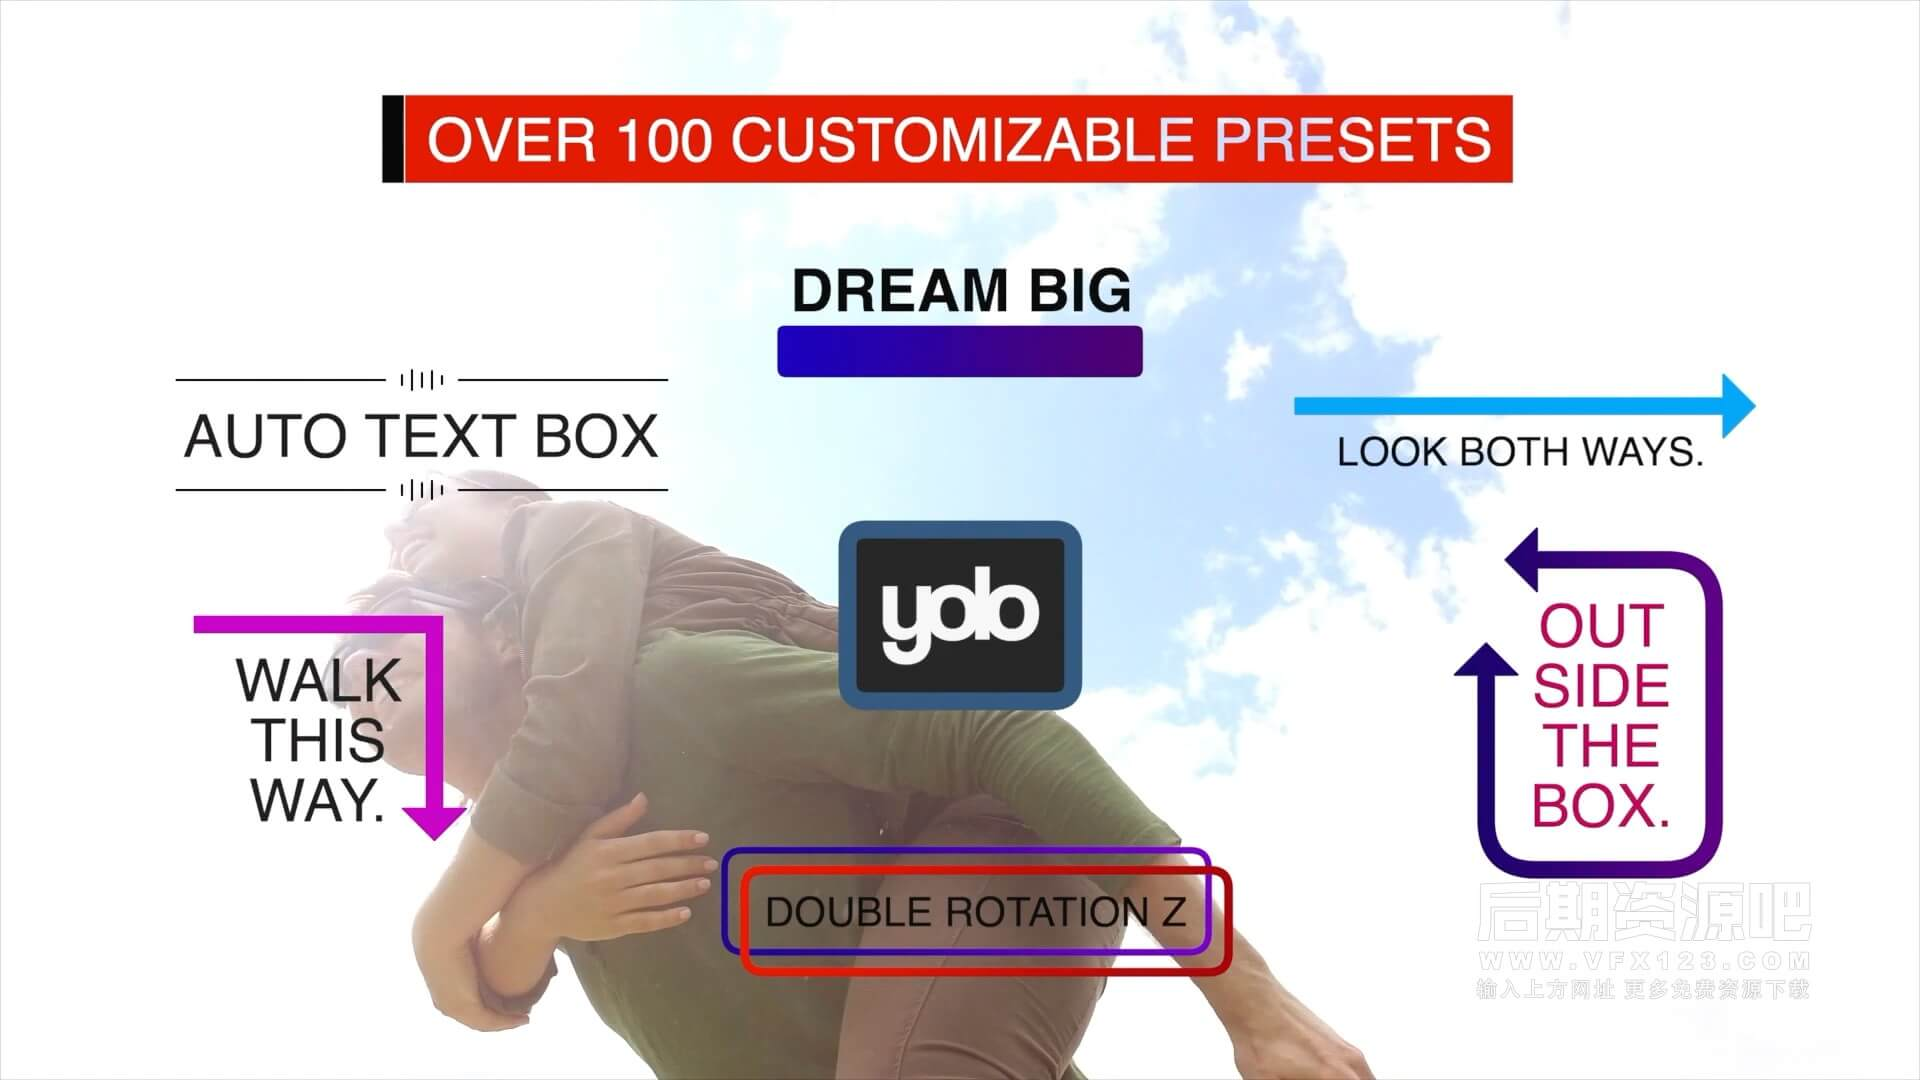 fcpx插件 104组文字标题自动添加按钮形状气泡外框等装饰动画预设 AutoTextBox